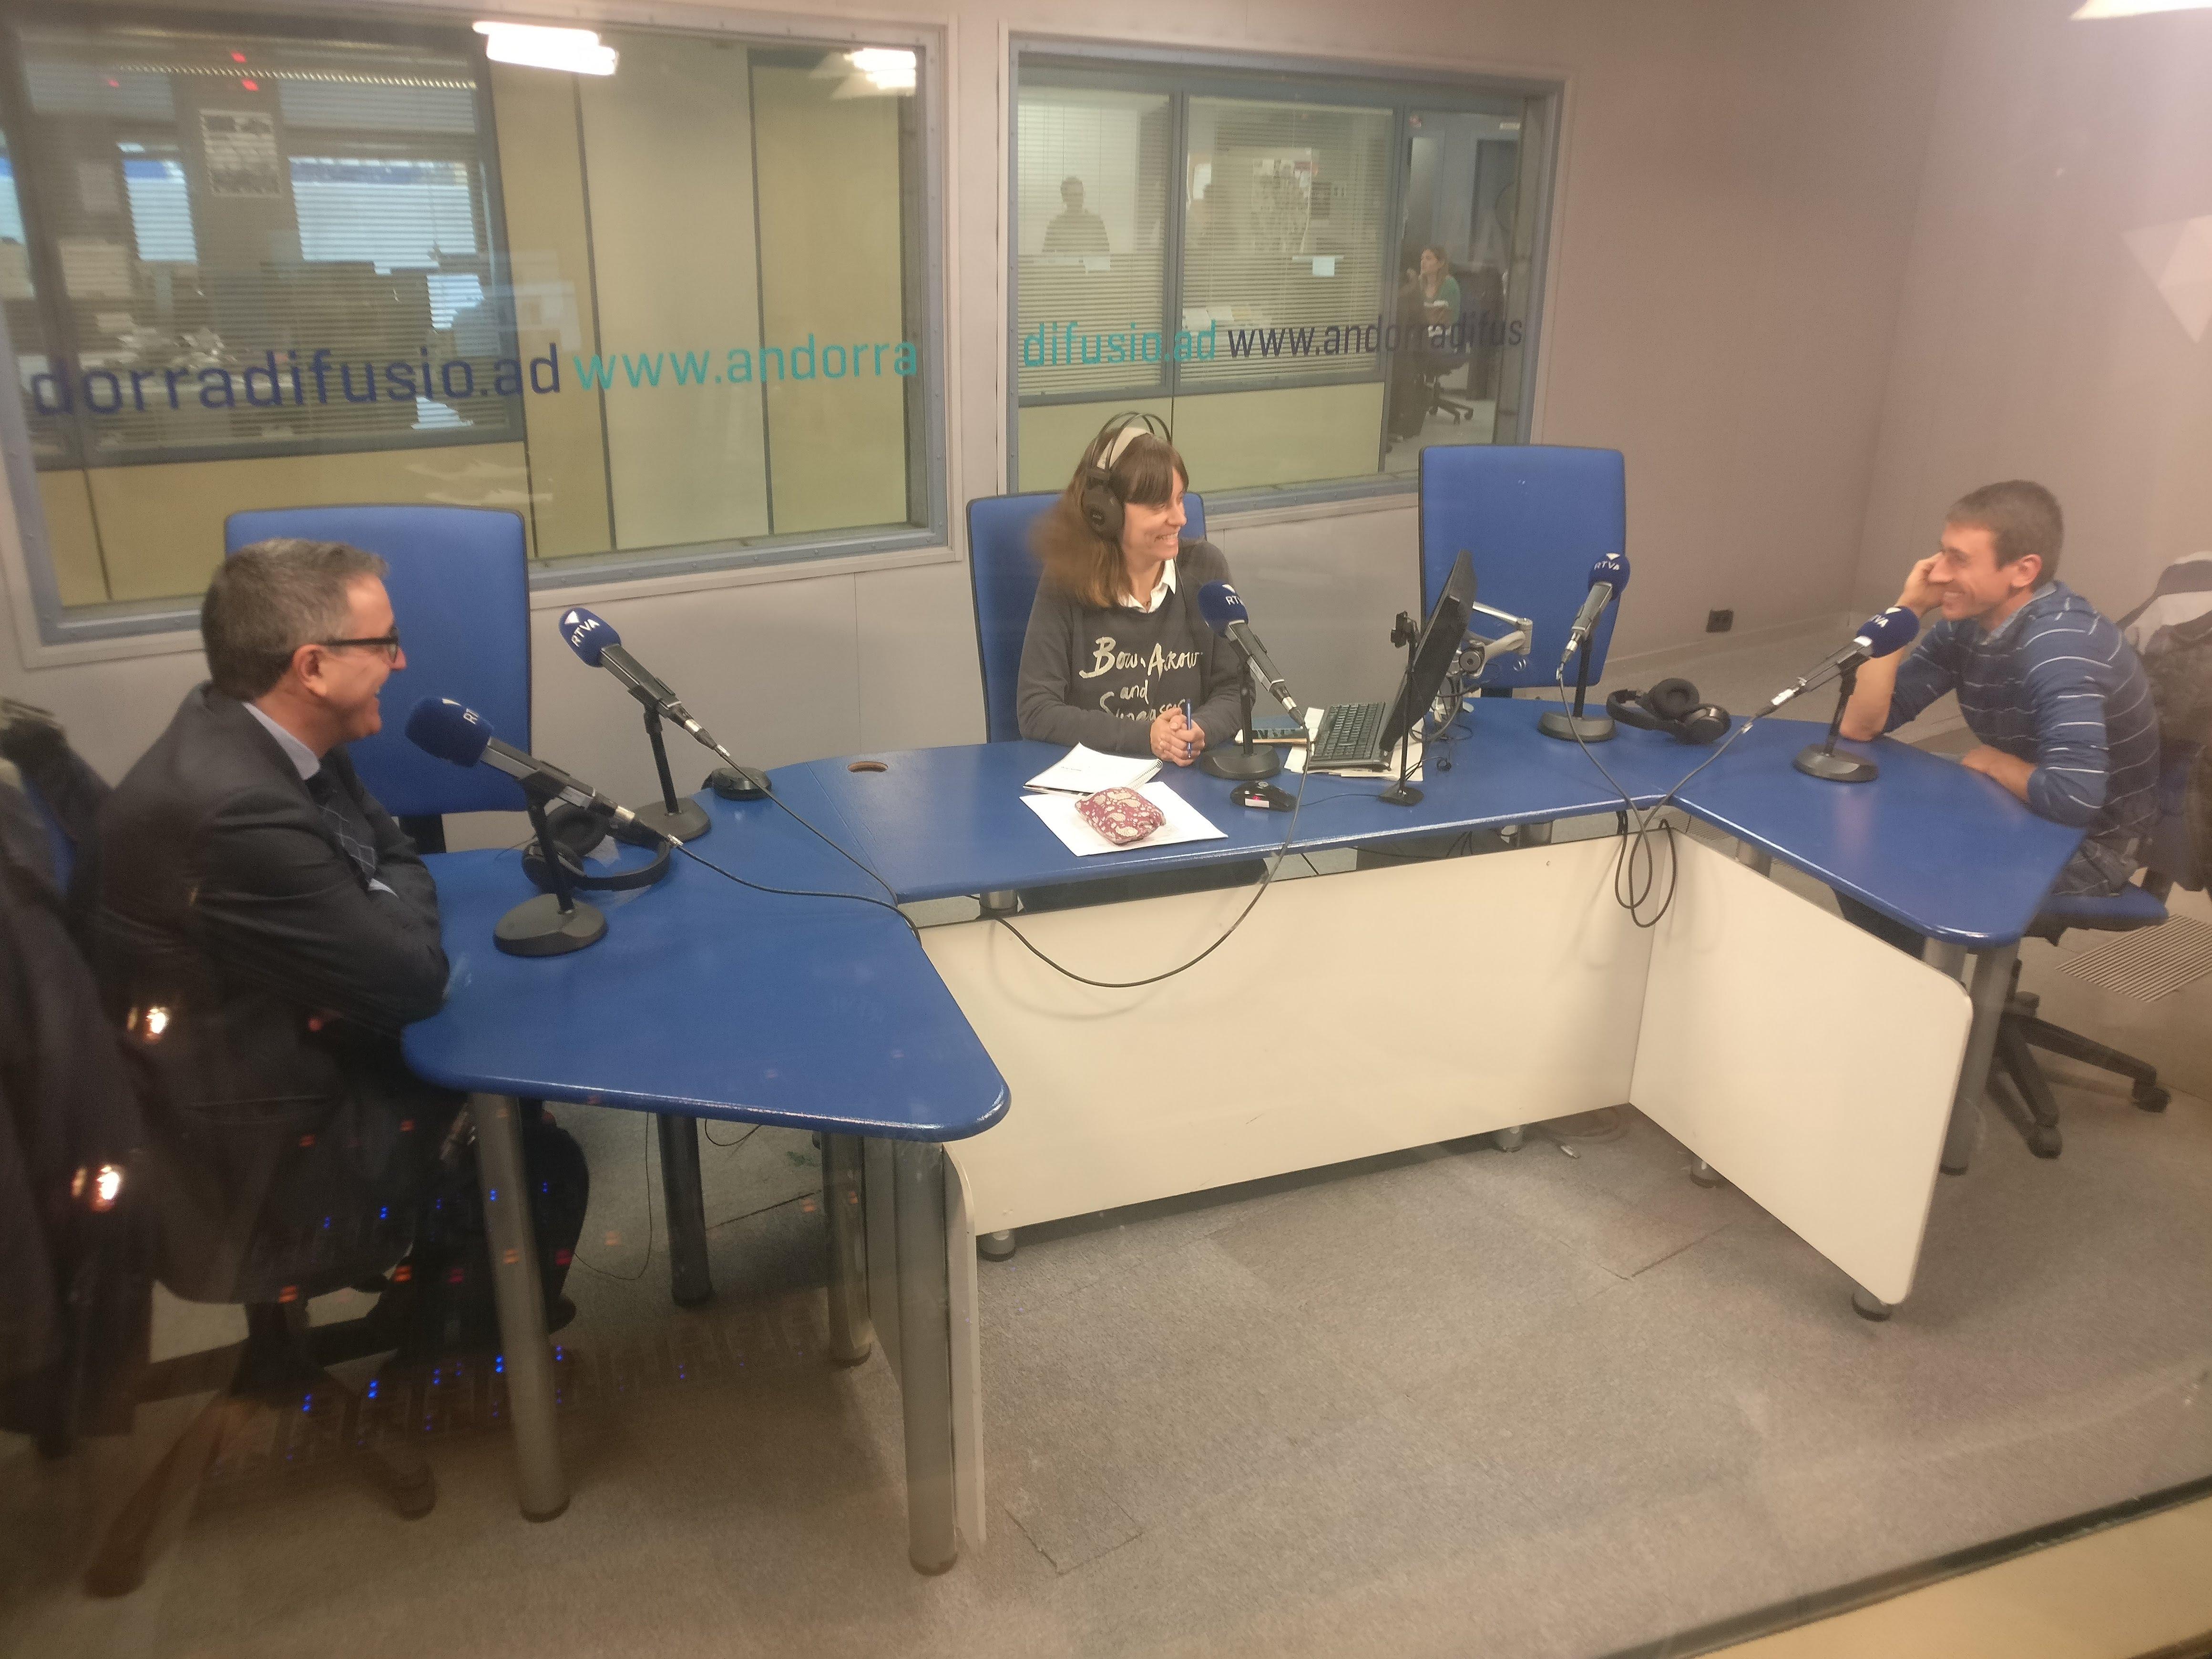 Tertúlia amb Manel Ara i Jordi Cabanes 18 de abril del 2019